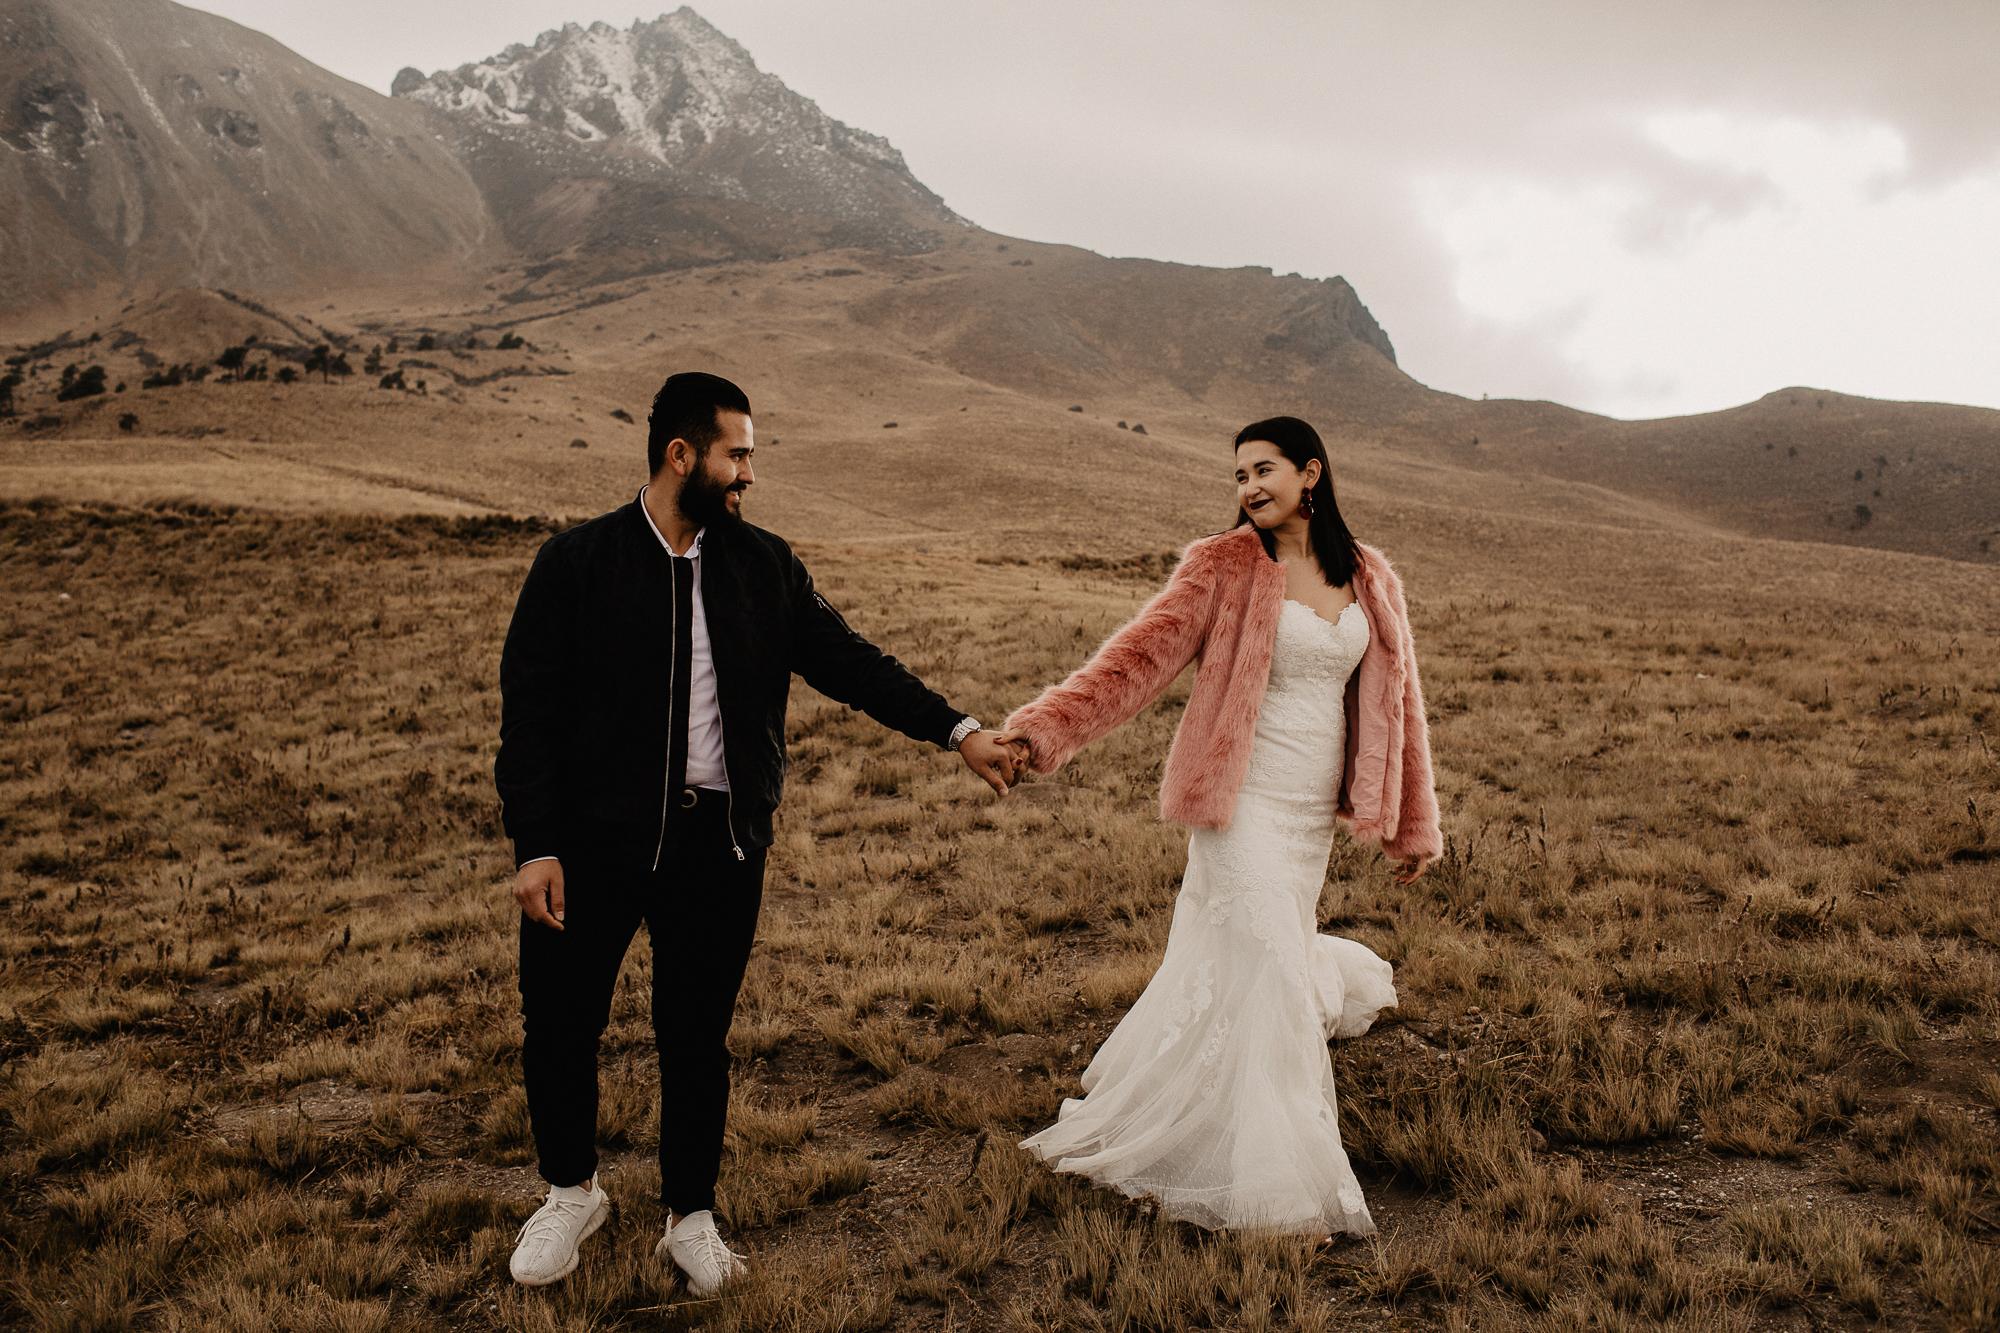 alfonso-flores-fotografo-de-bodas-nevado-de-toluca-sesion-de-pareja101.jpg